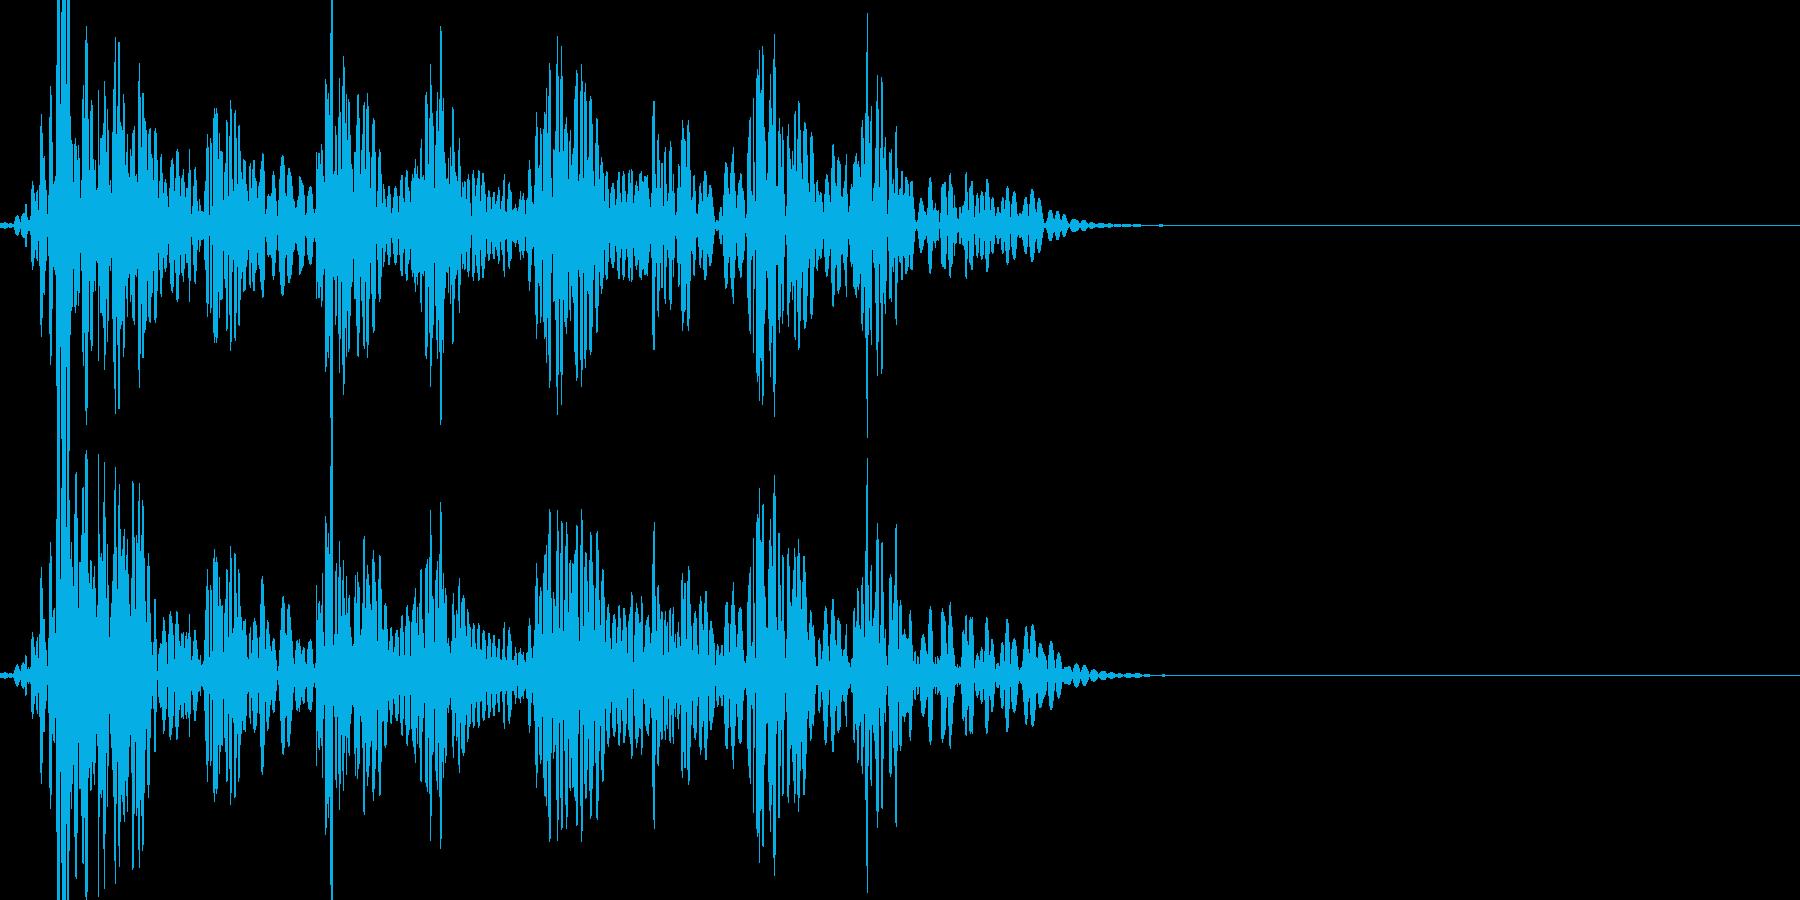 ドカドカドカドカッ(8連発の打撃音)の再生済みの波形